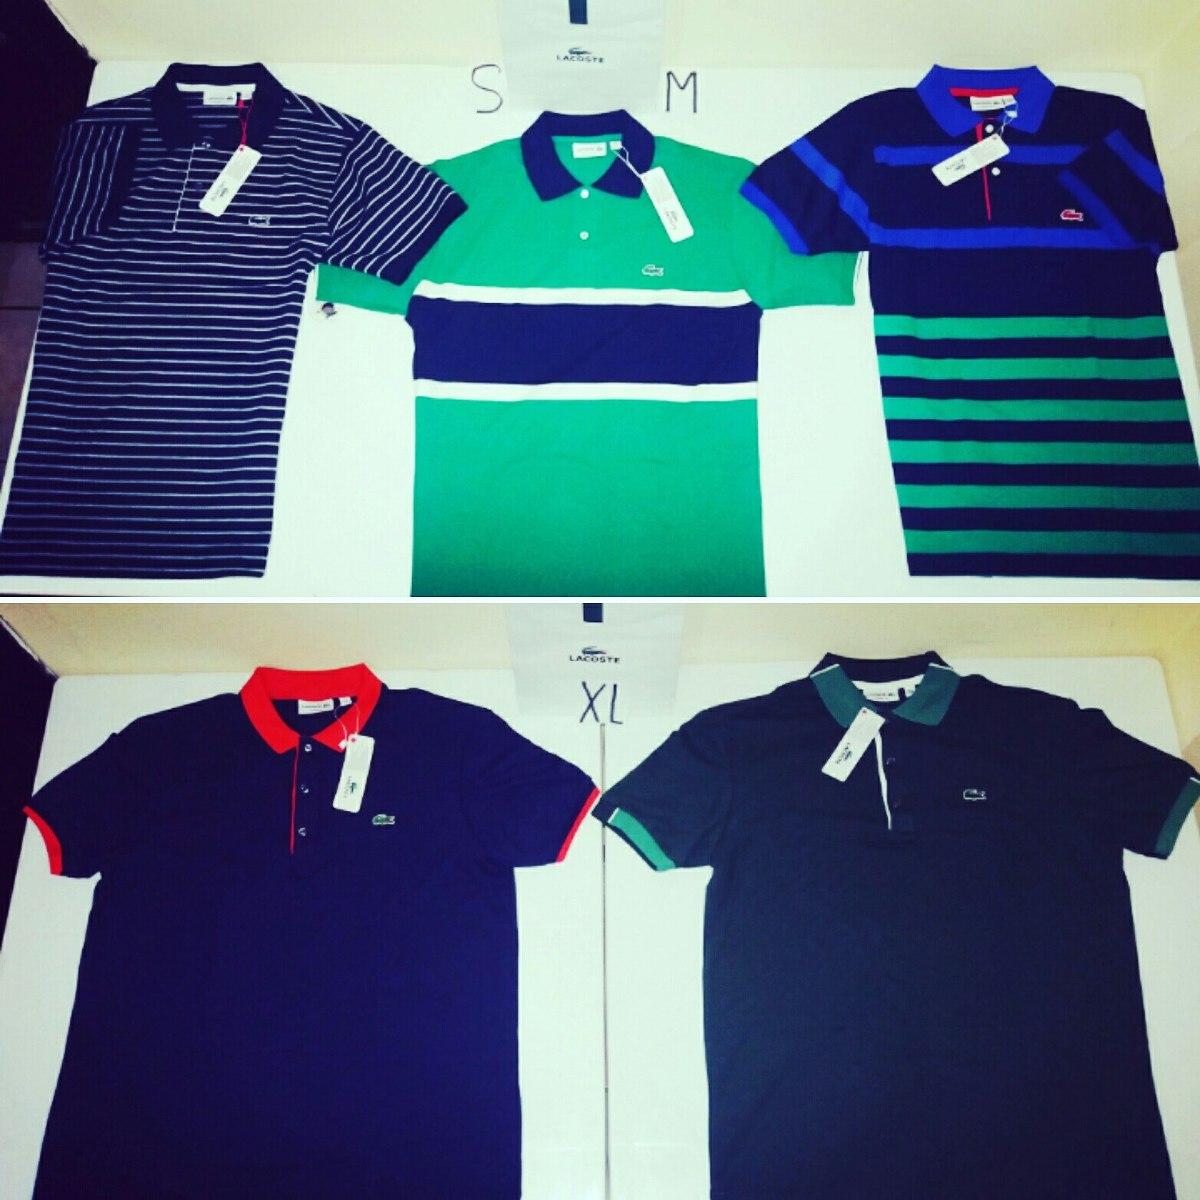 camisetas tipo polo lacoste live originales nuevas. Cargando zoom. 58067d938cf05